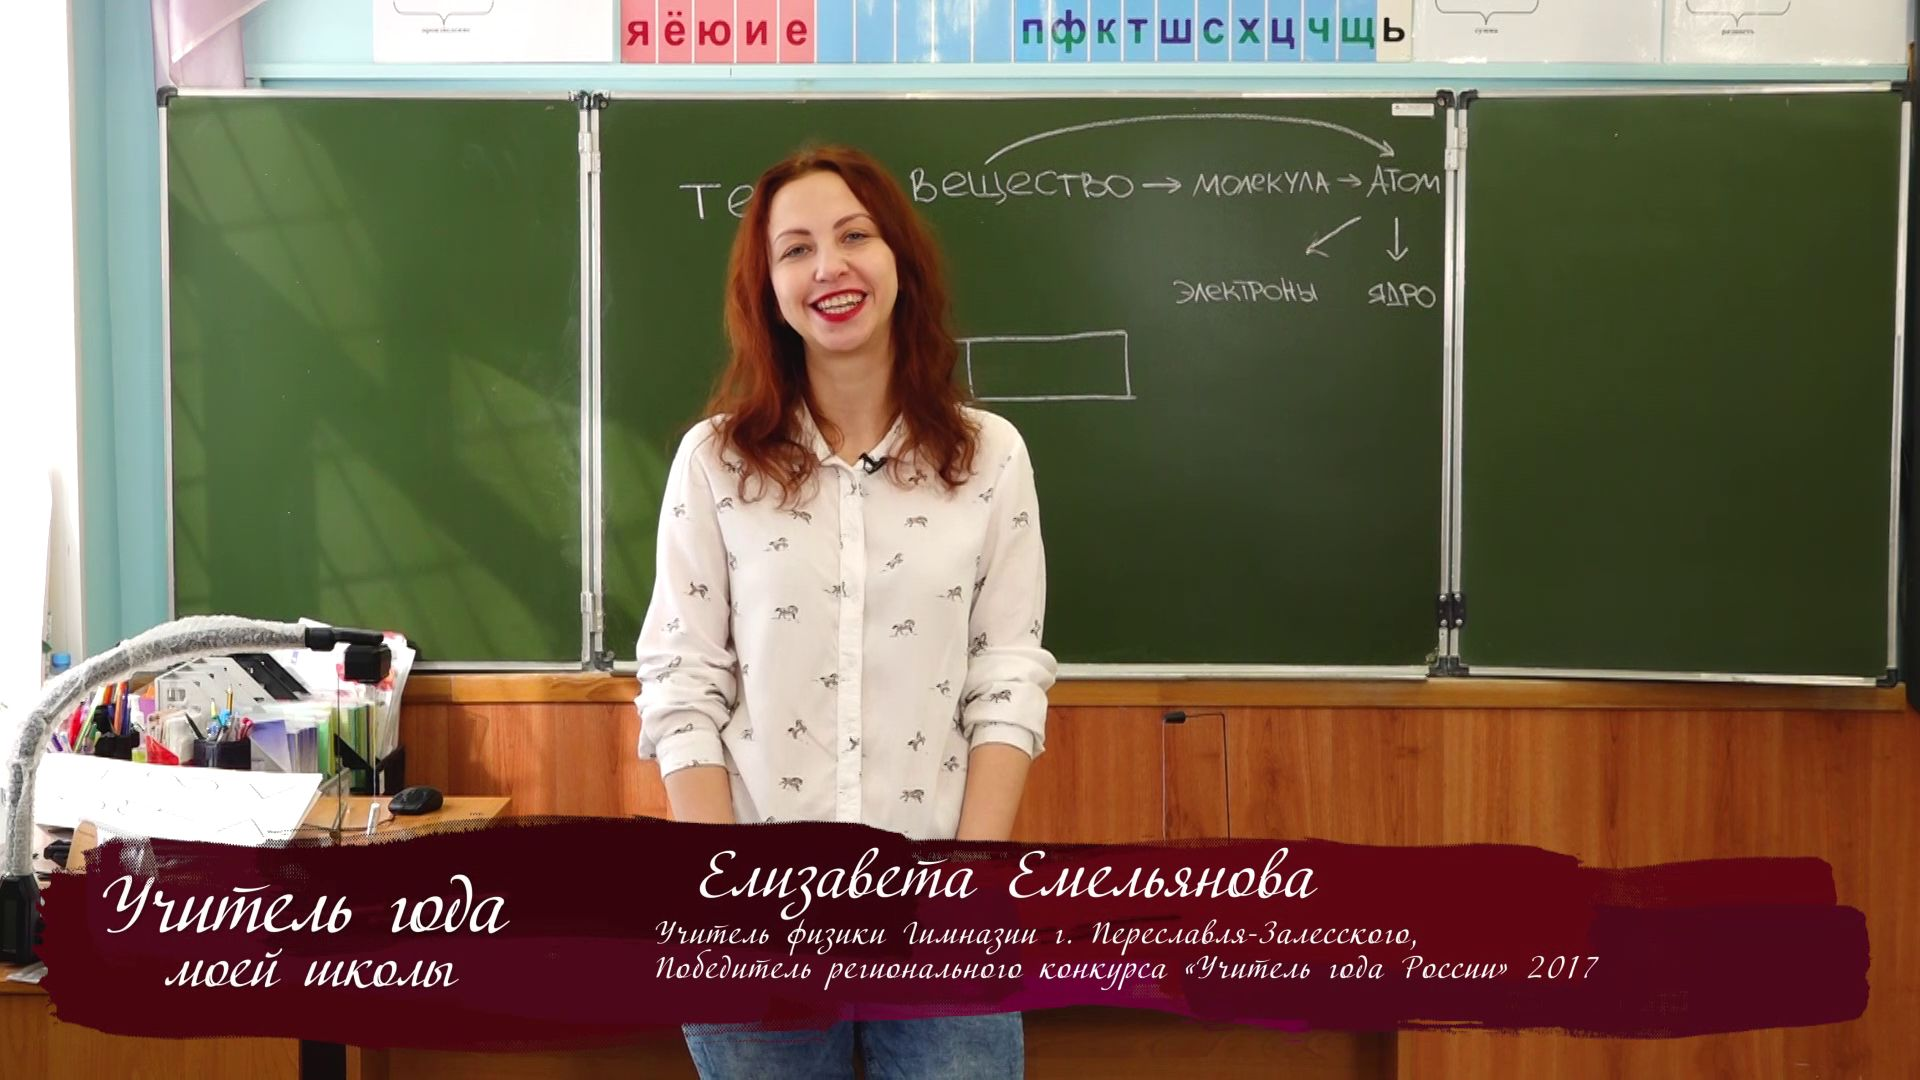 Телеуроки. Елизавета Емельянова. «Электрические явления»